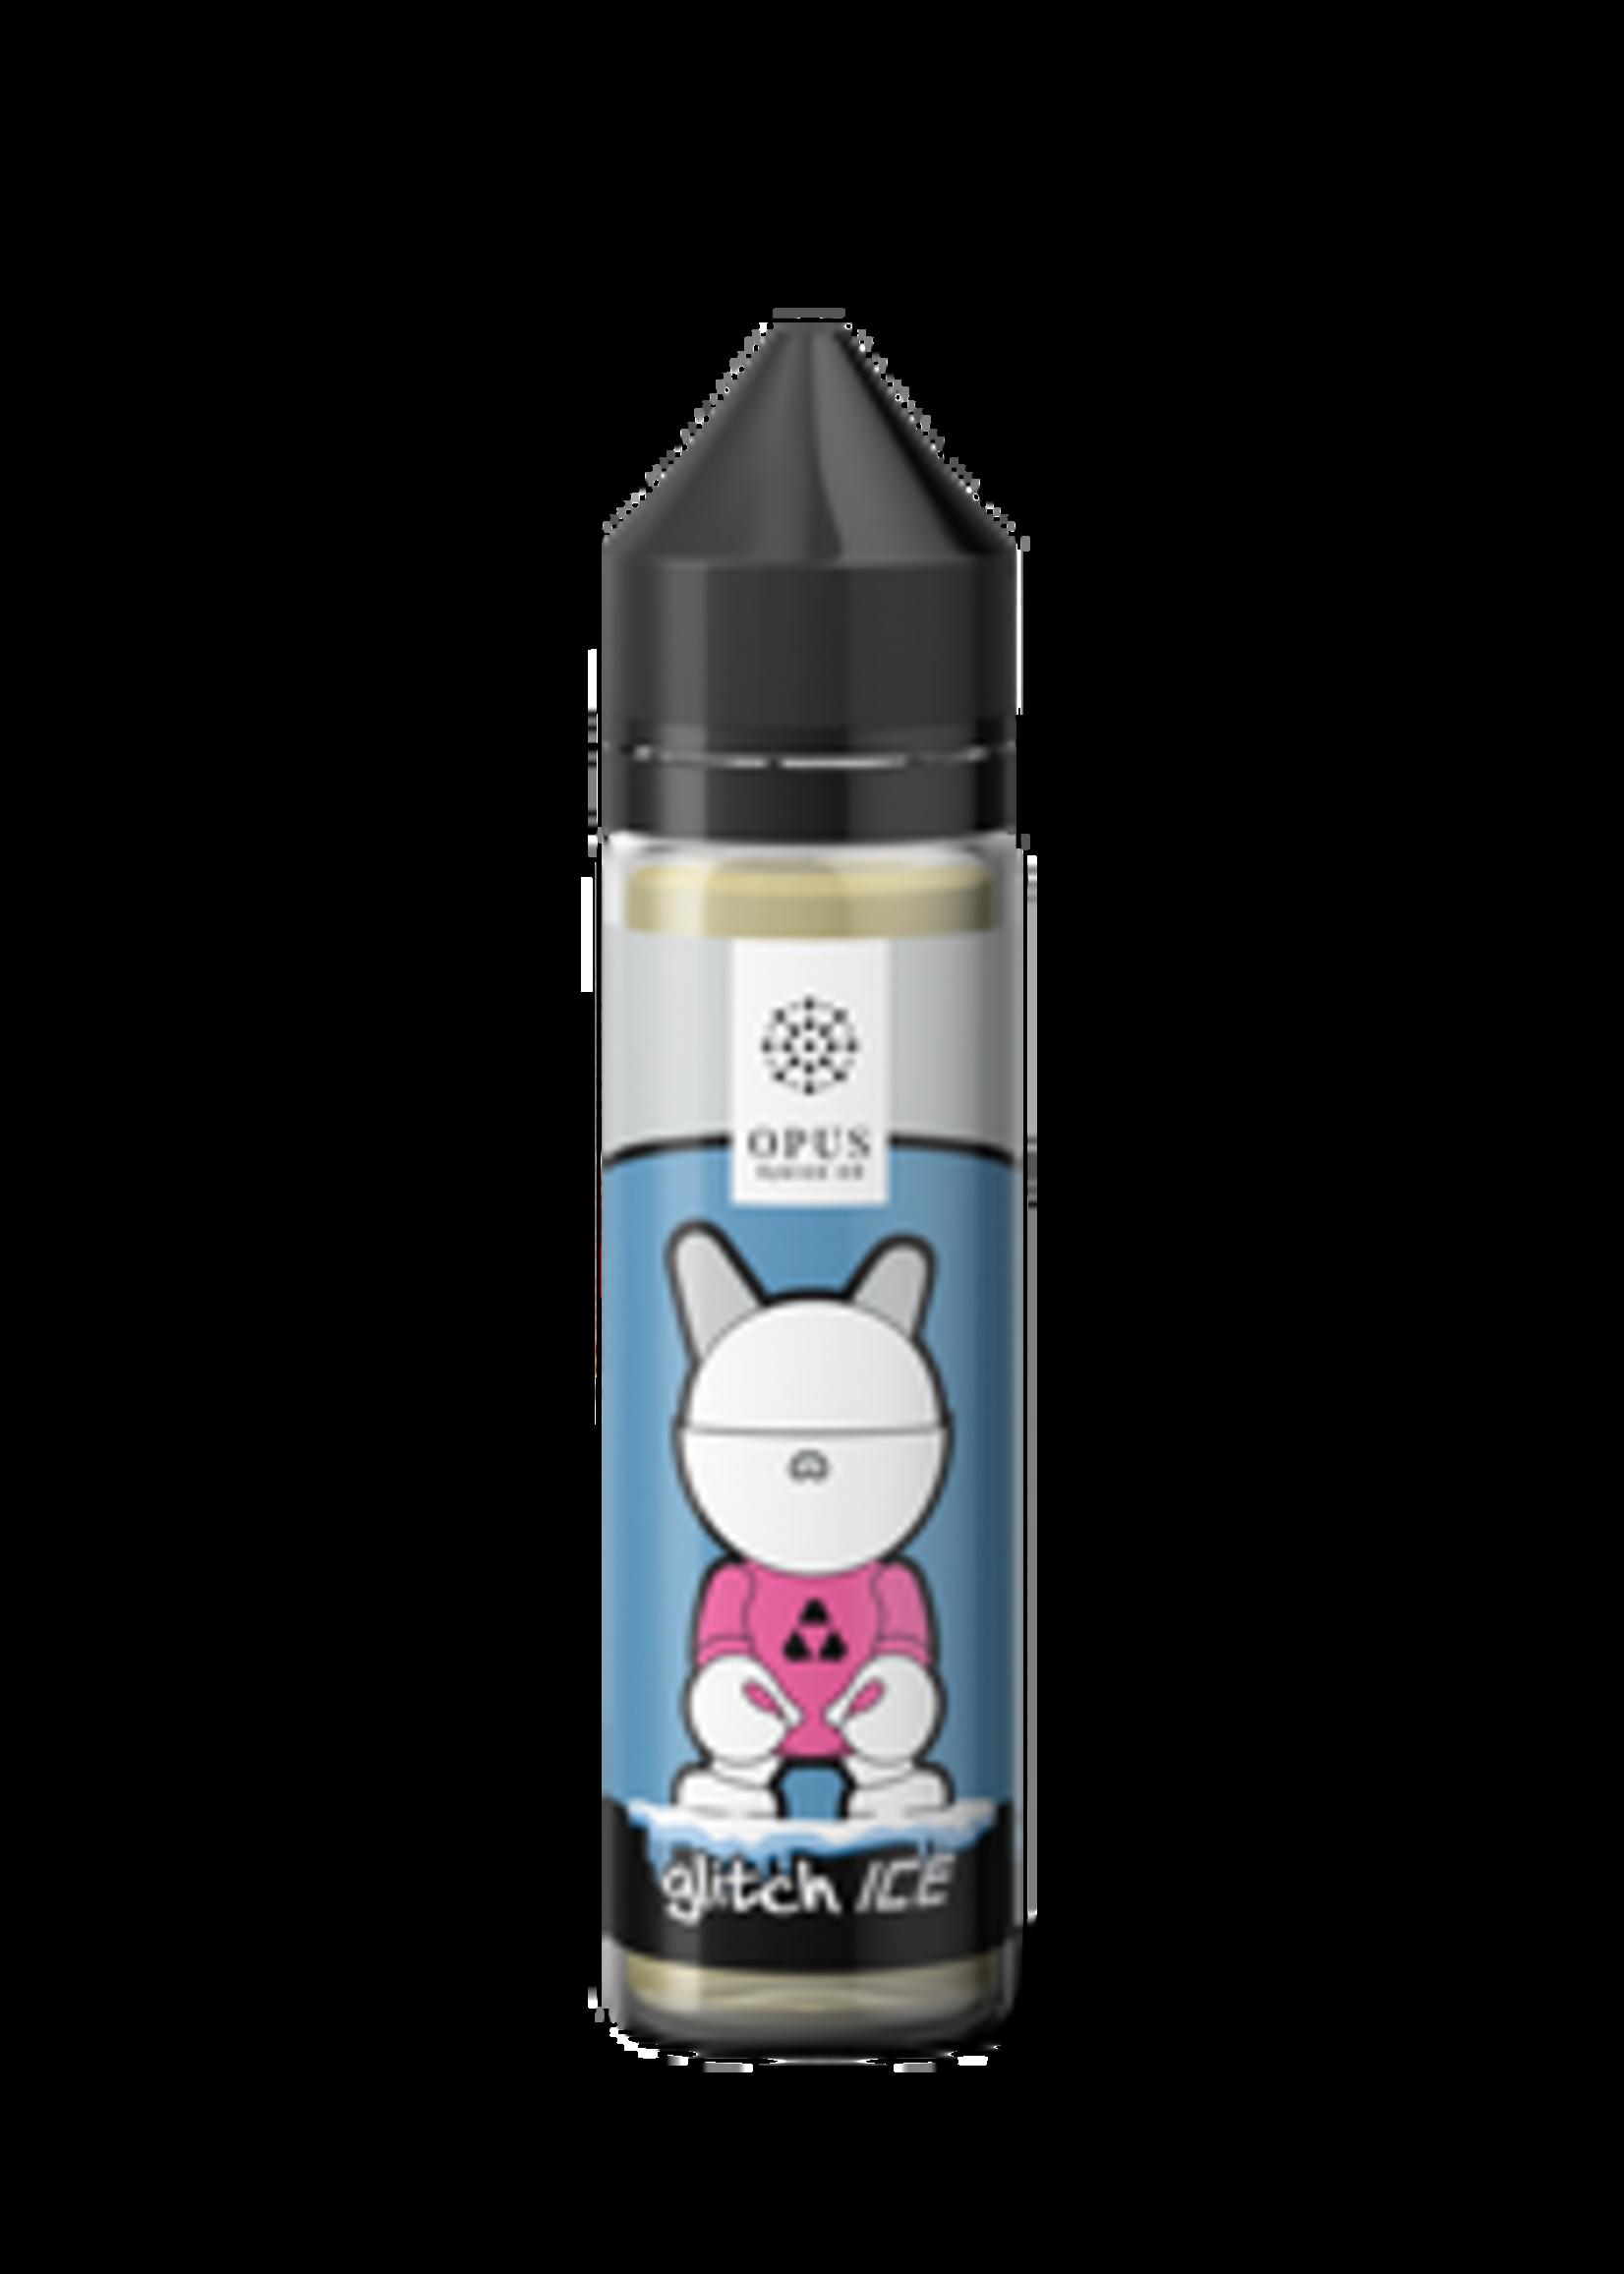 Opus Vape flavour - Glitch ice 120ml- 3mg